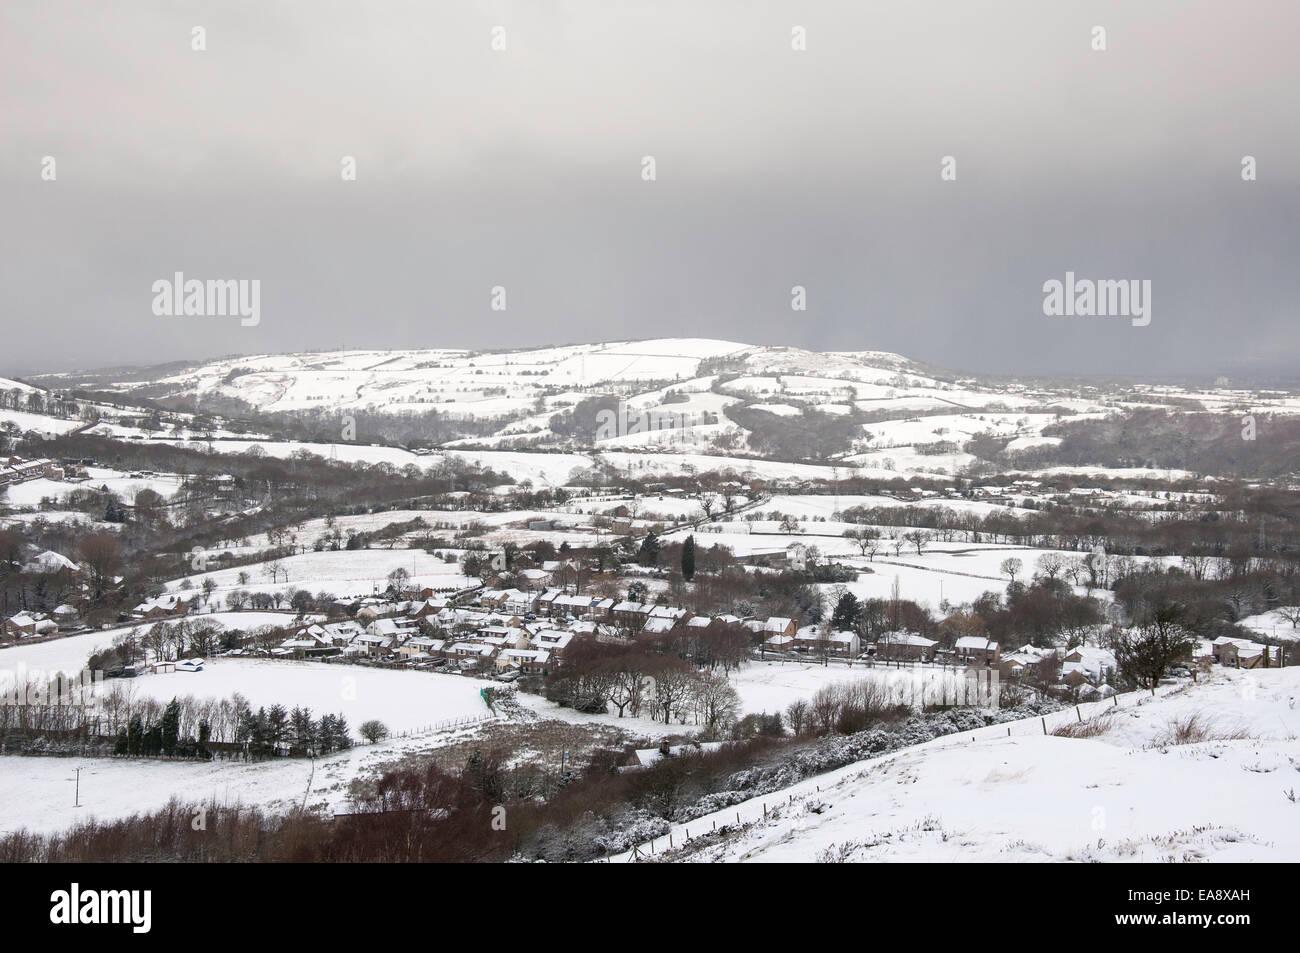 Dorf von Charlesworth im Schnee mit dunklen Wolken bereit, anderen zu geben mit Schnee bedeckt. Stockbild